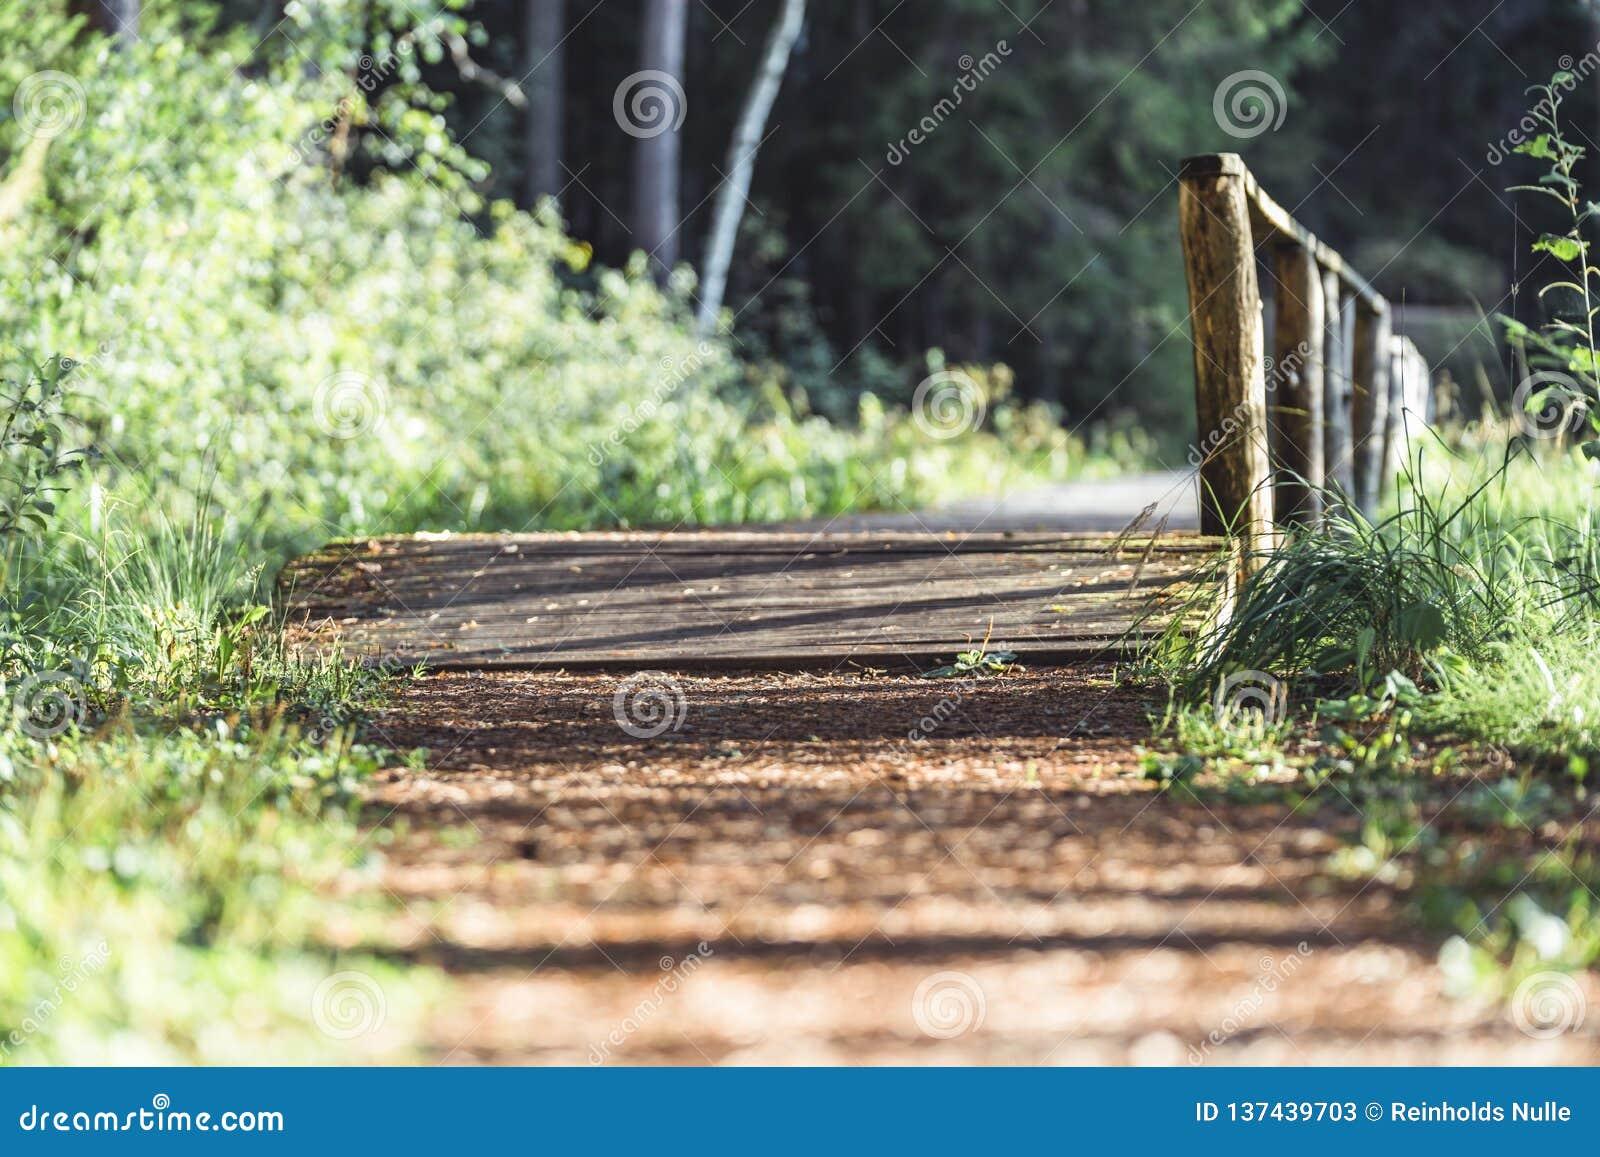 Opinião Forest Road, direção mais profunda nas madeiras em Sunny Summer Day, imagem em parte borrada com espaço livre para o text